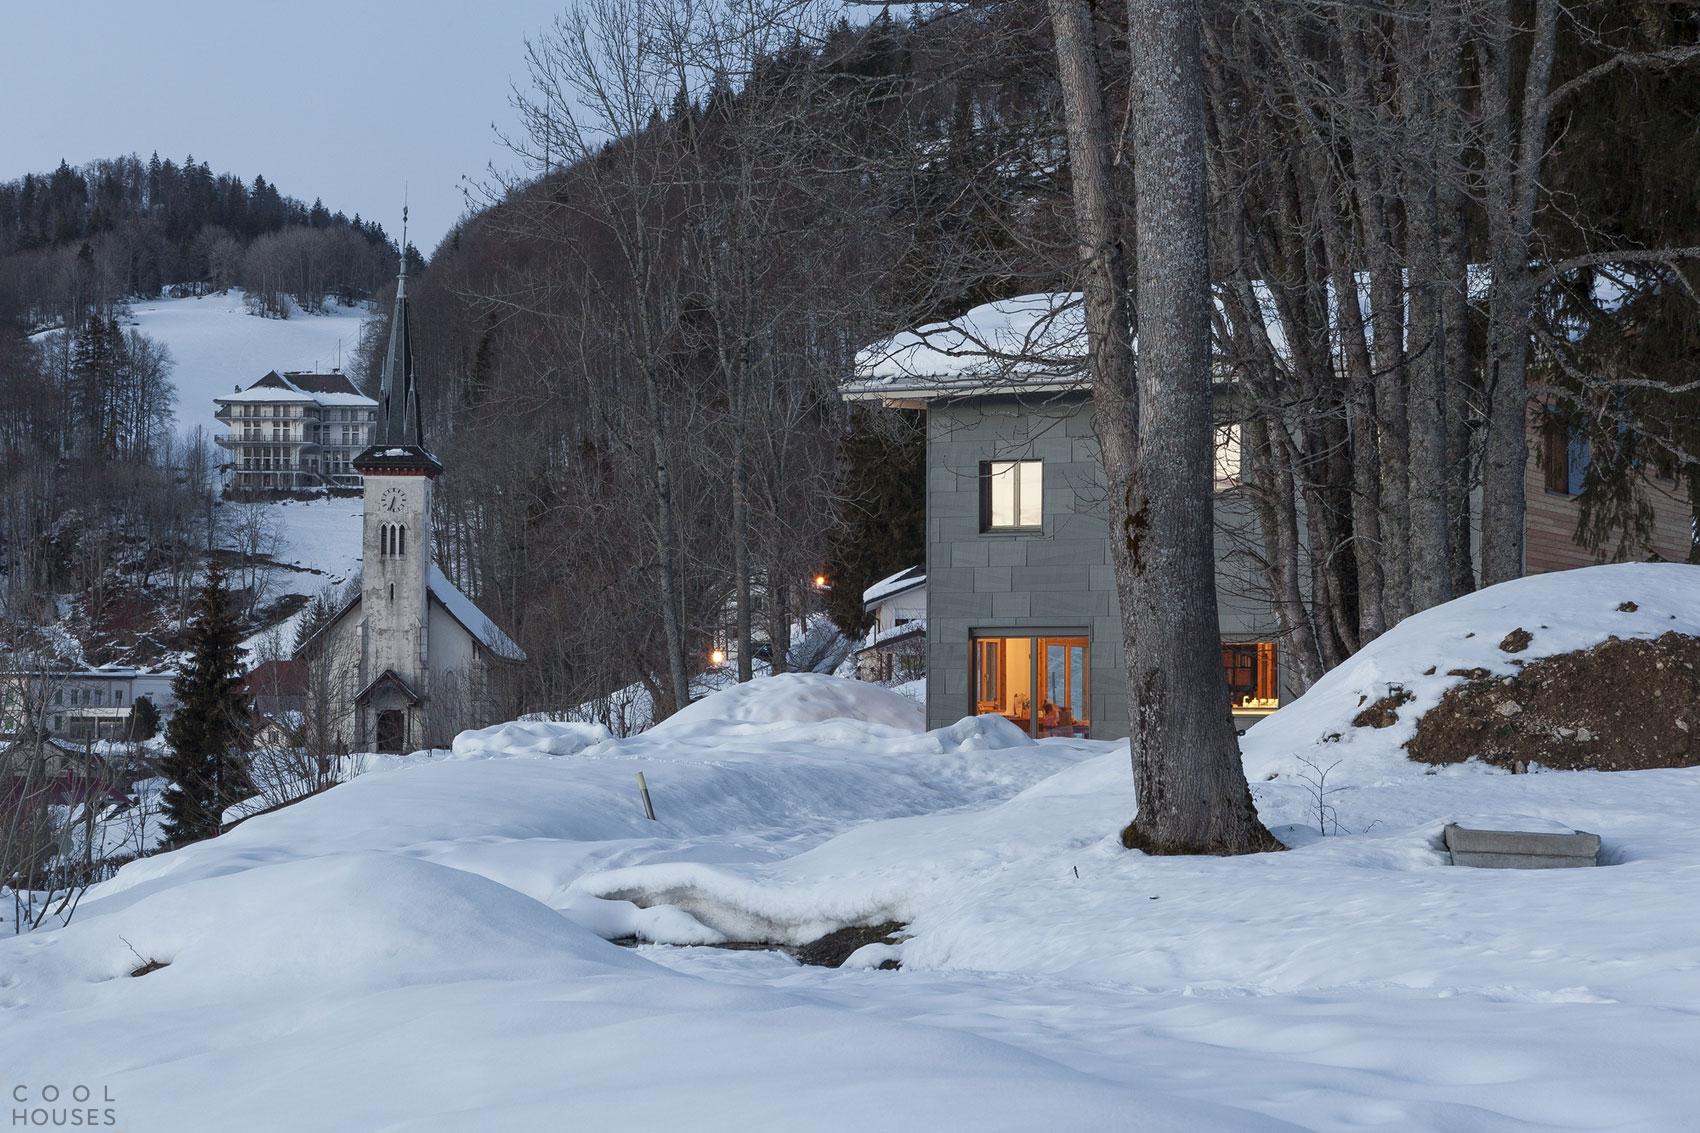 Деревянный коттедж на северо-западе Швейцарии с видом на горнолыжные склоны и романтическое озеро Лак-де-Жу